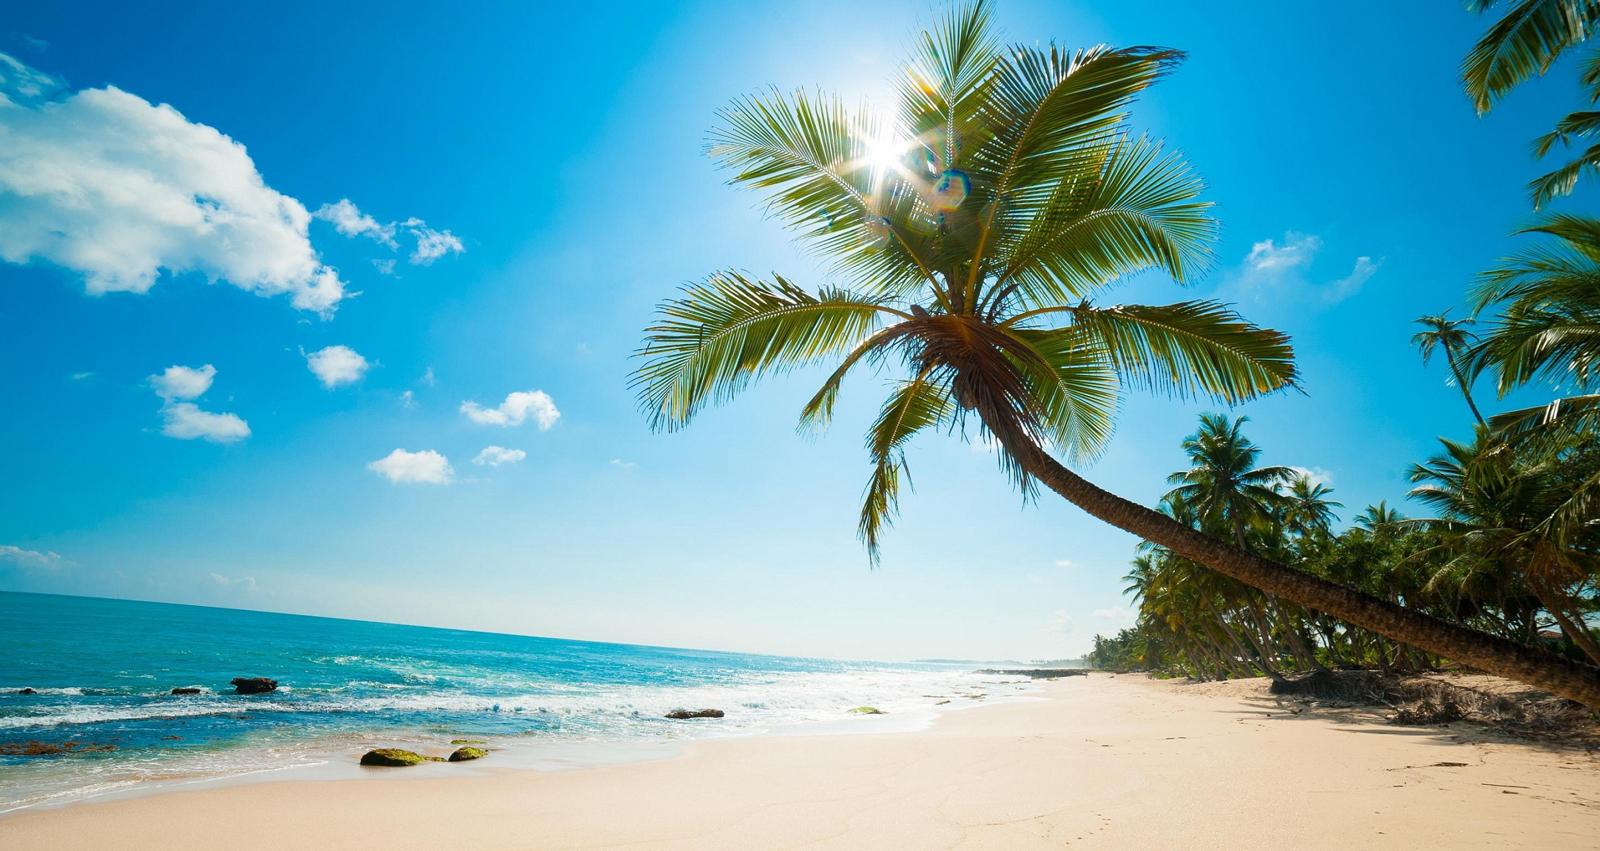 Du lịch Phú Quốc - Bãi sao mang vẻ đẹp dịu dàng